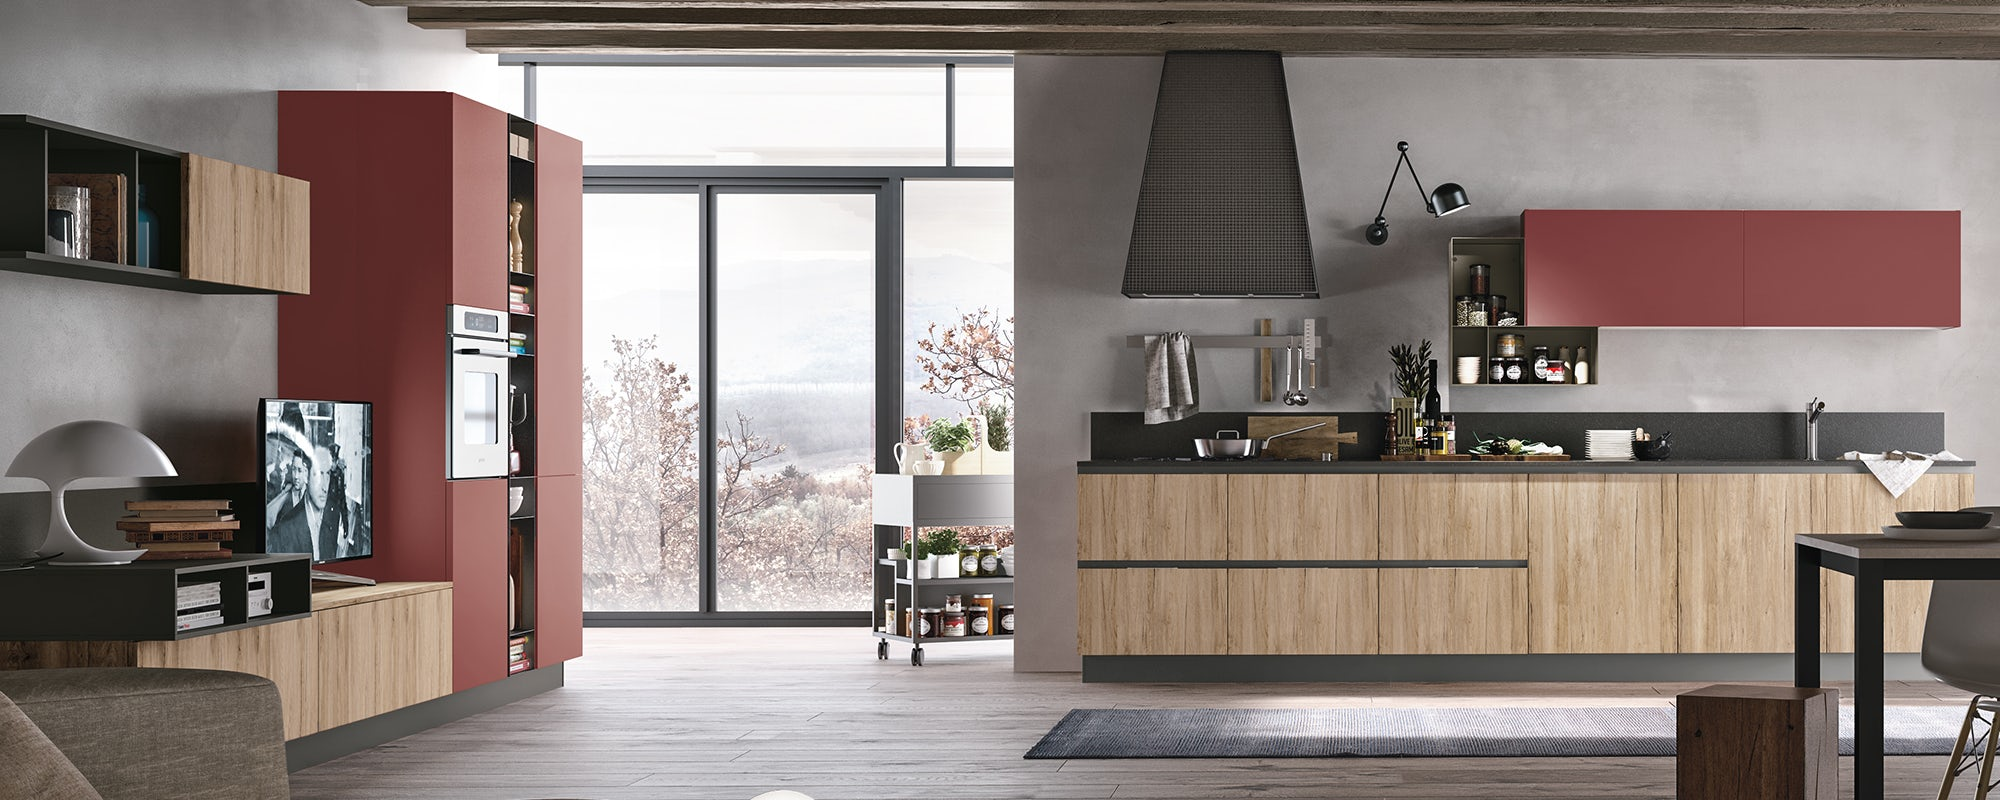 Cucine Stosa Lissone Habitat Casa Rivenditore Autorizzato Cucine Stosa